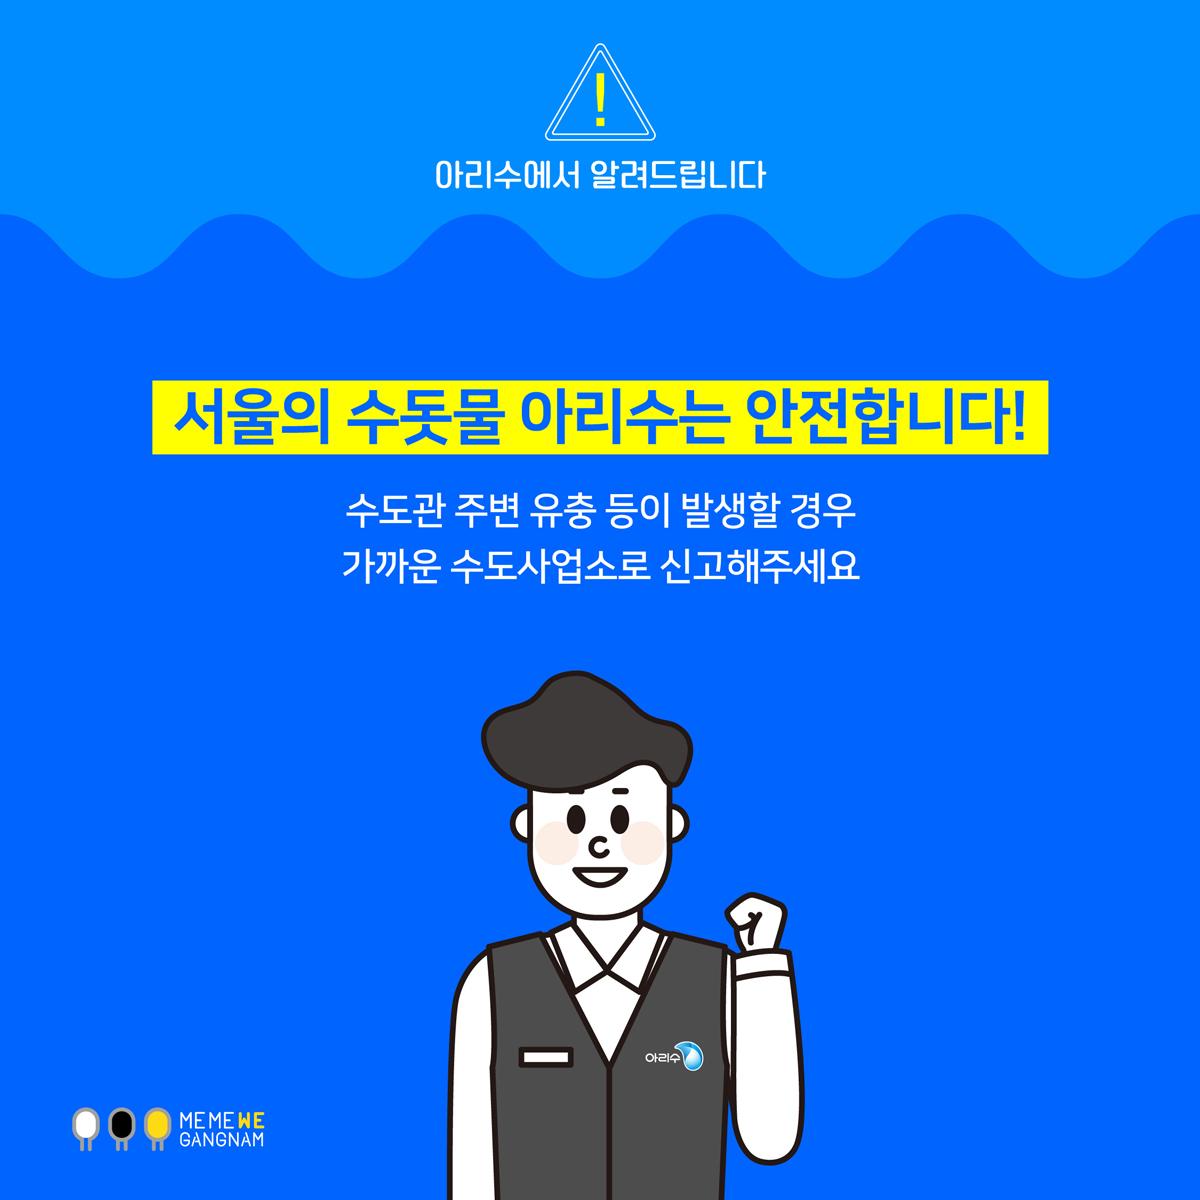 서울의 수돗물 아리수는 안전합니다! 수도관 주변 유충 등이 발생할 경우 가까운 수도사업소로 신고해주세요.